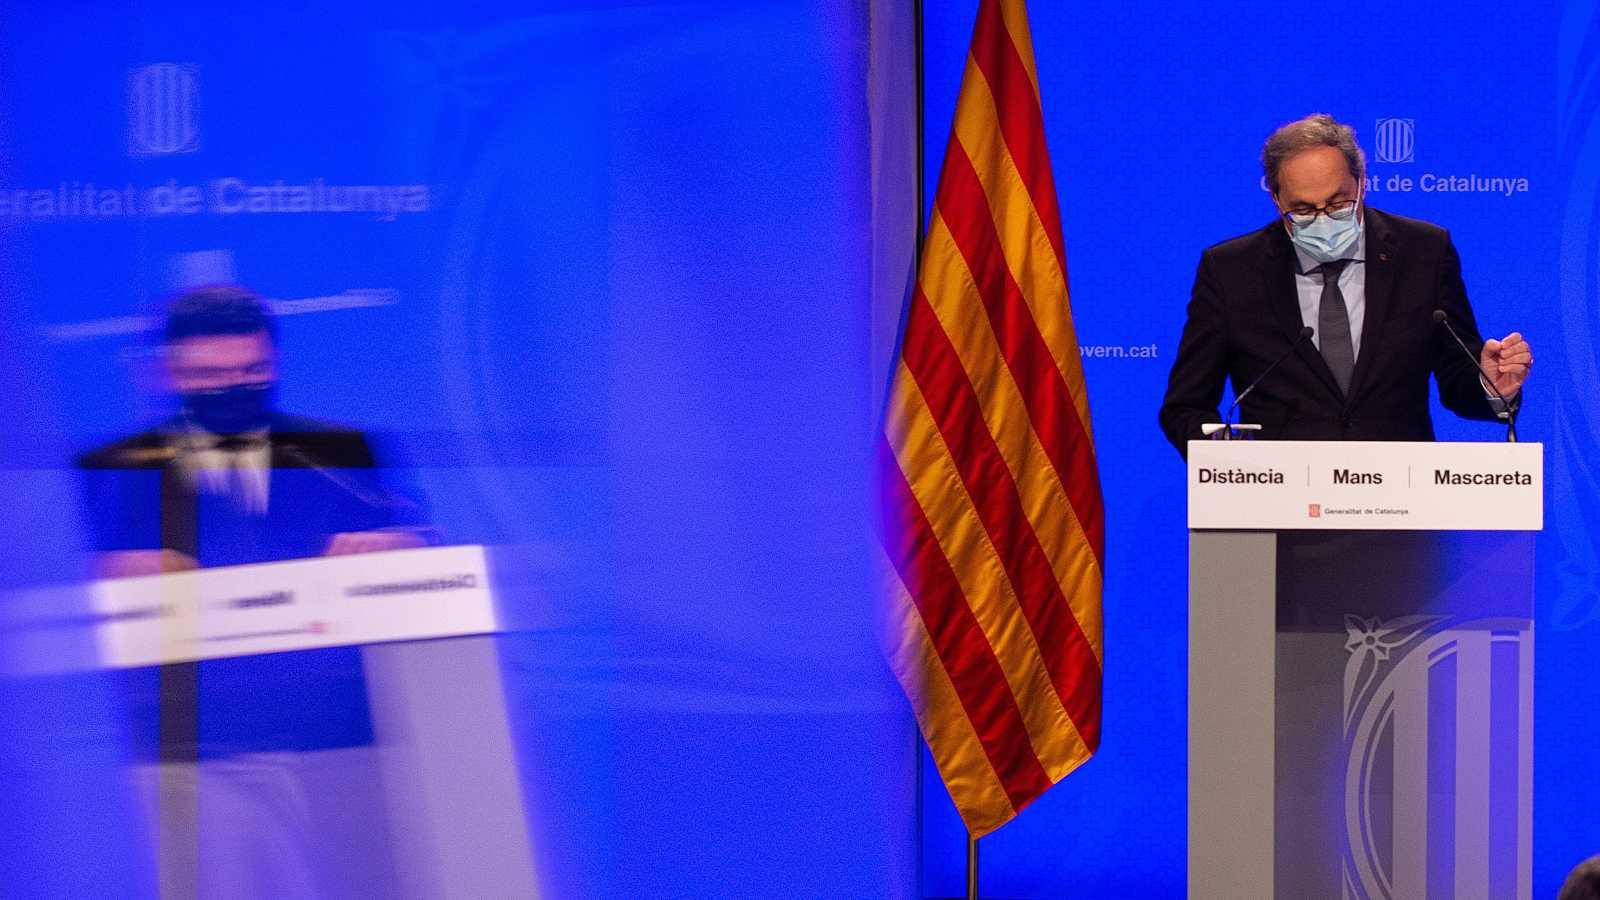 El presidente de la Generalitat, Quim Torra, y el vicepresidente del Govern y conseller de Economía, Pere Aragonès (que aparece en un reflejo de un cristal